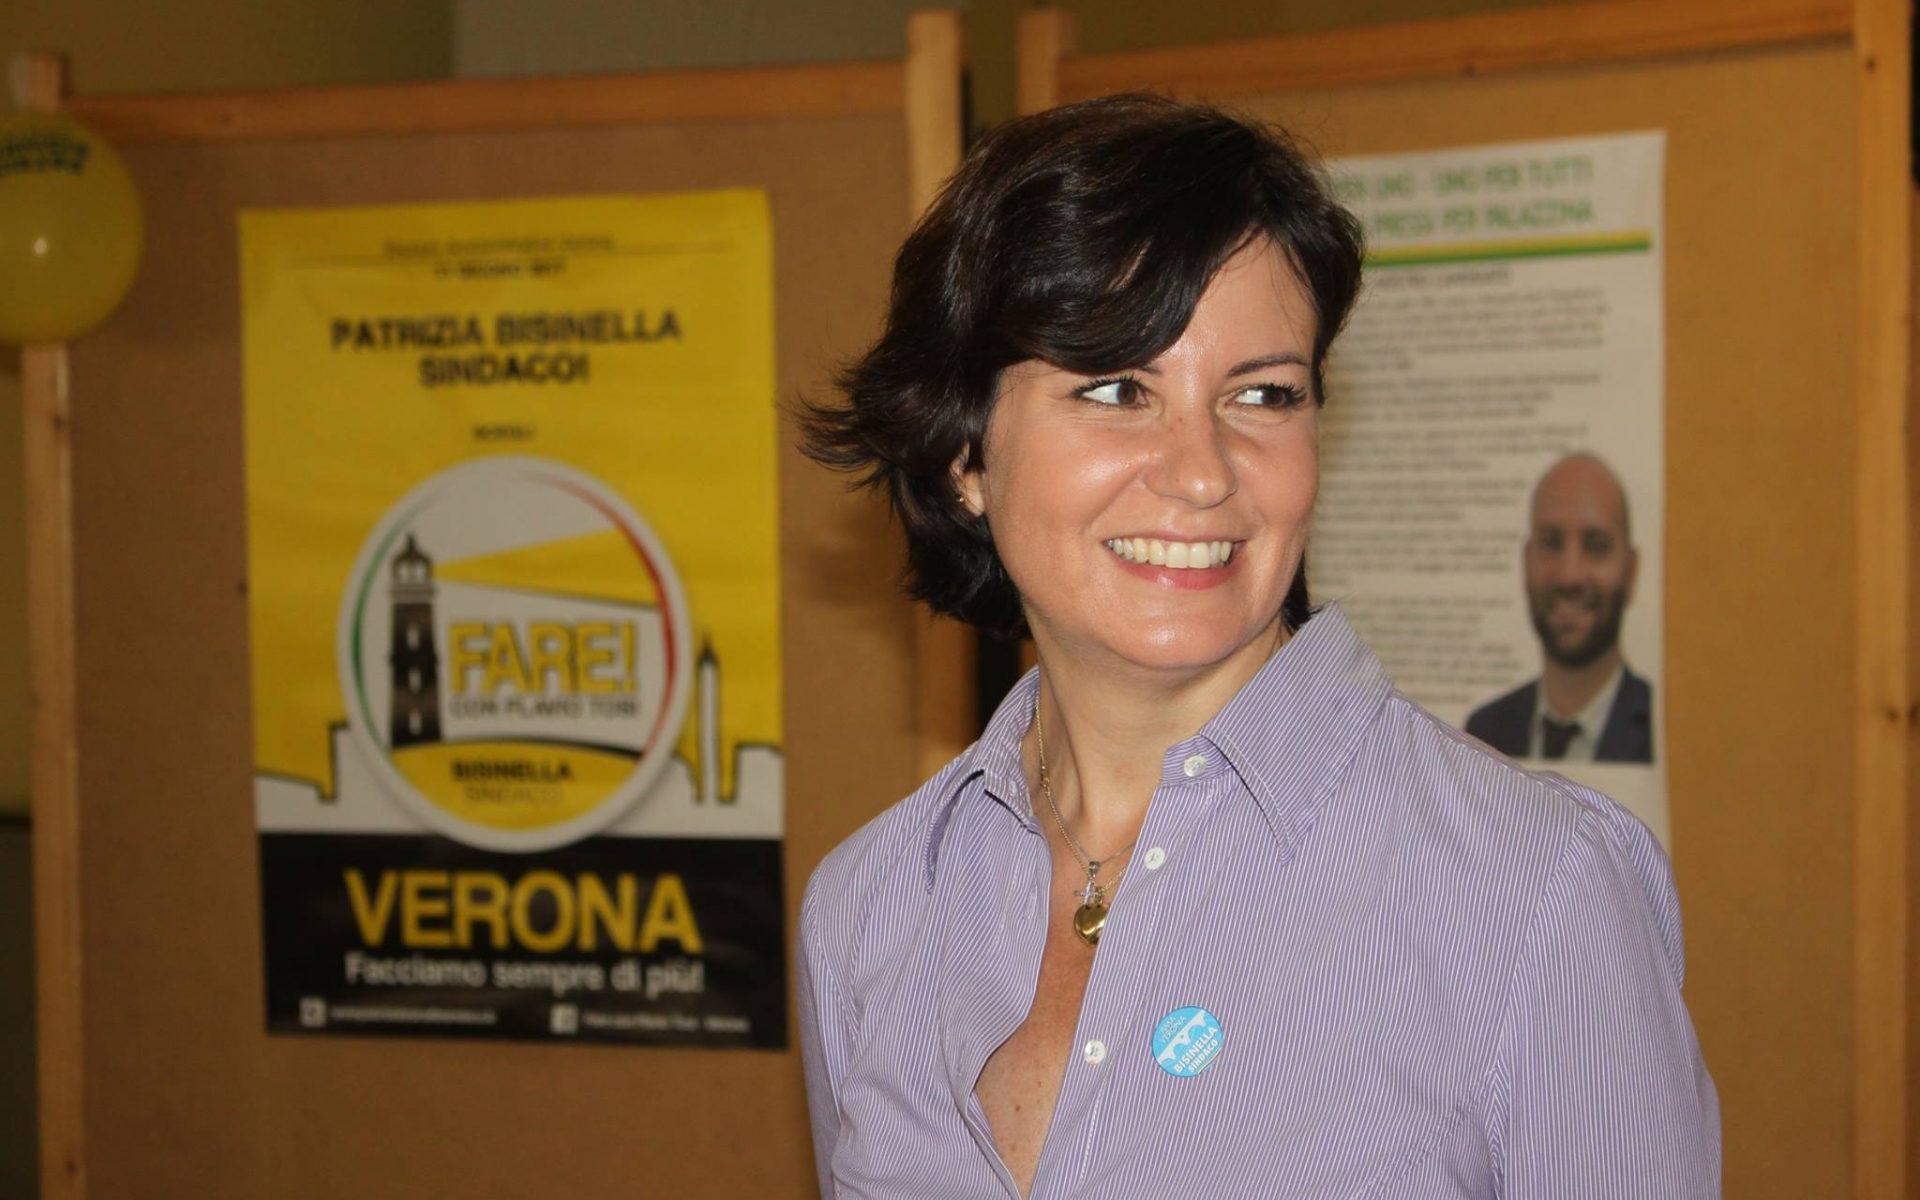 Patrizia Bisinella, Fare! Verona